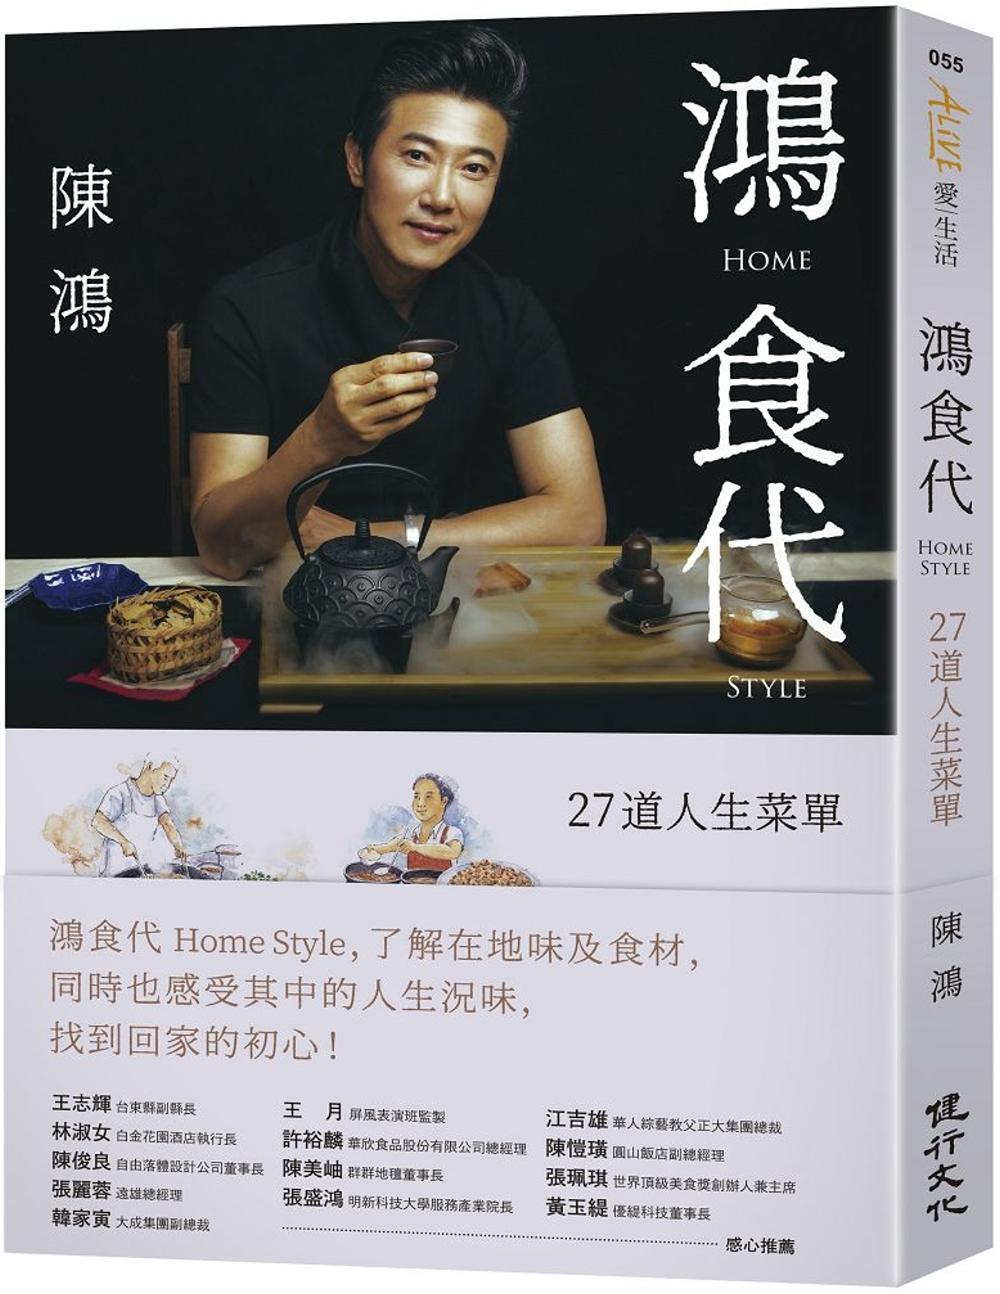 鴻食代 Home Style:27道人生菜單